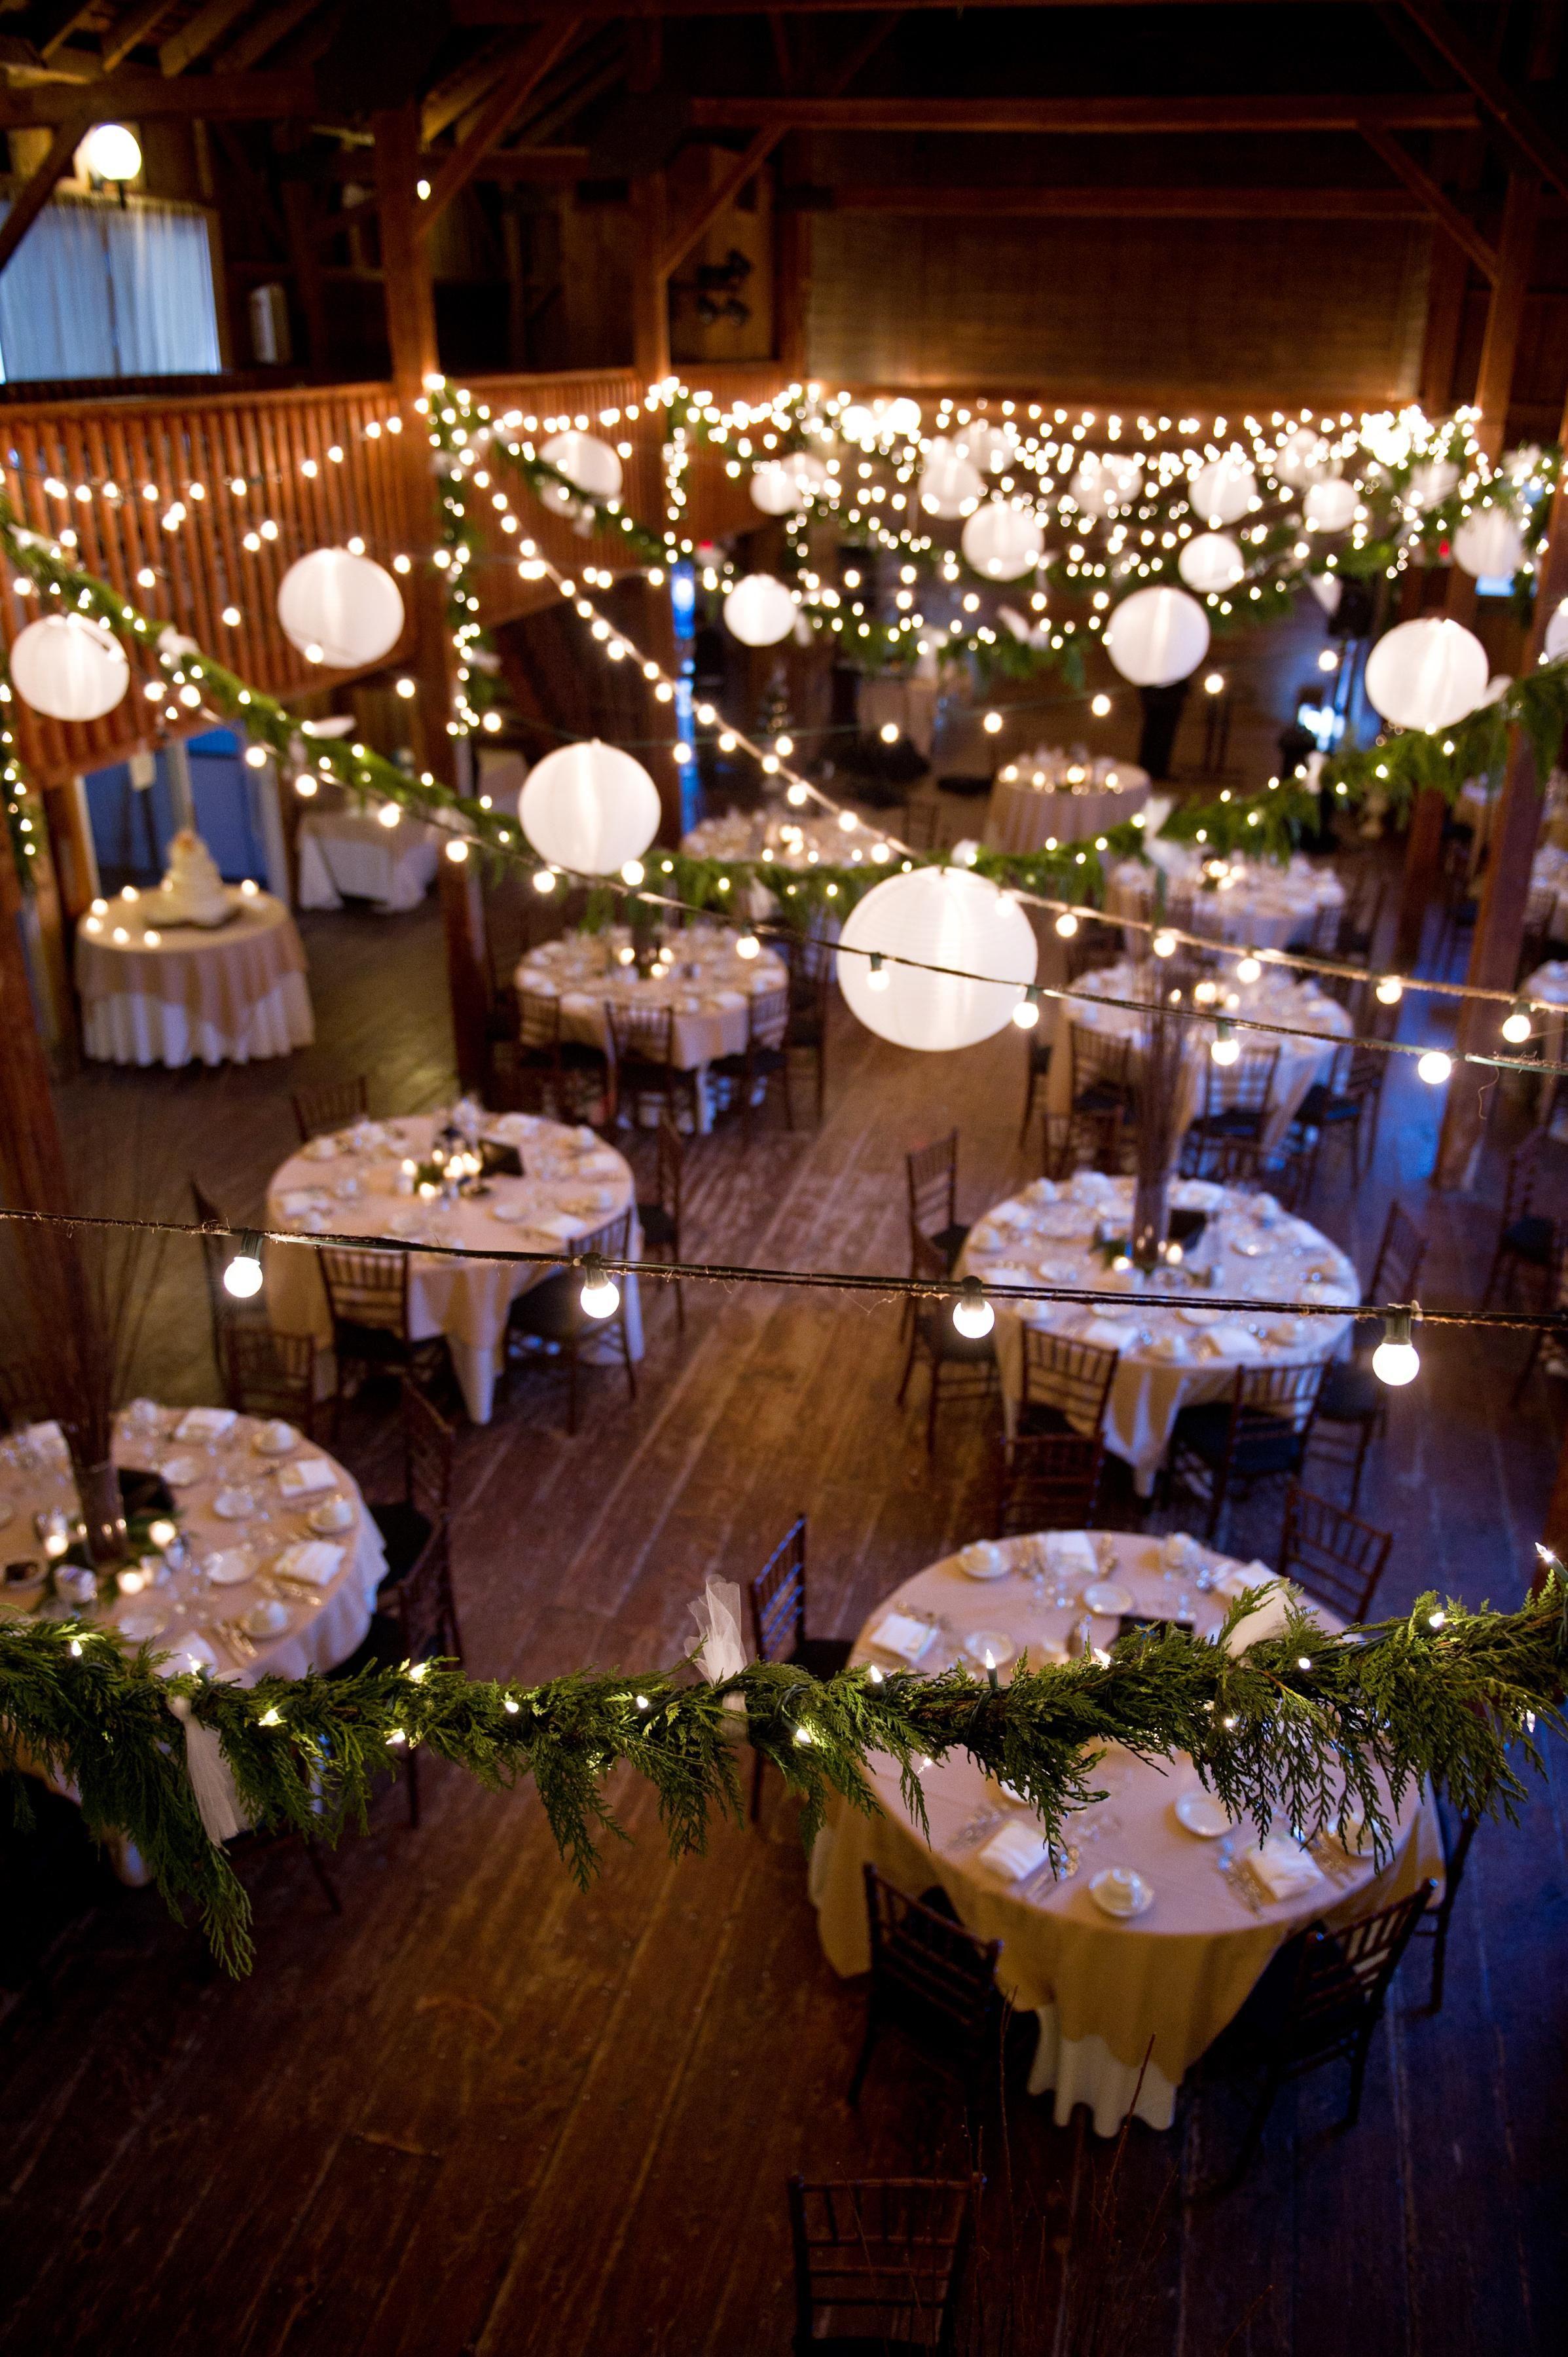 Rustic DIY Barn Wedding .facebook.com/aclovesweddings .amych&agne.com & Rustic DIY Barn Wedding www.facebook.com/aclovesweddings www ... azcodes.com